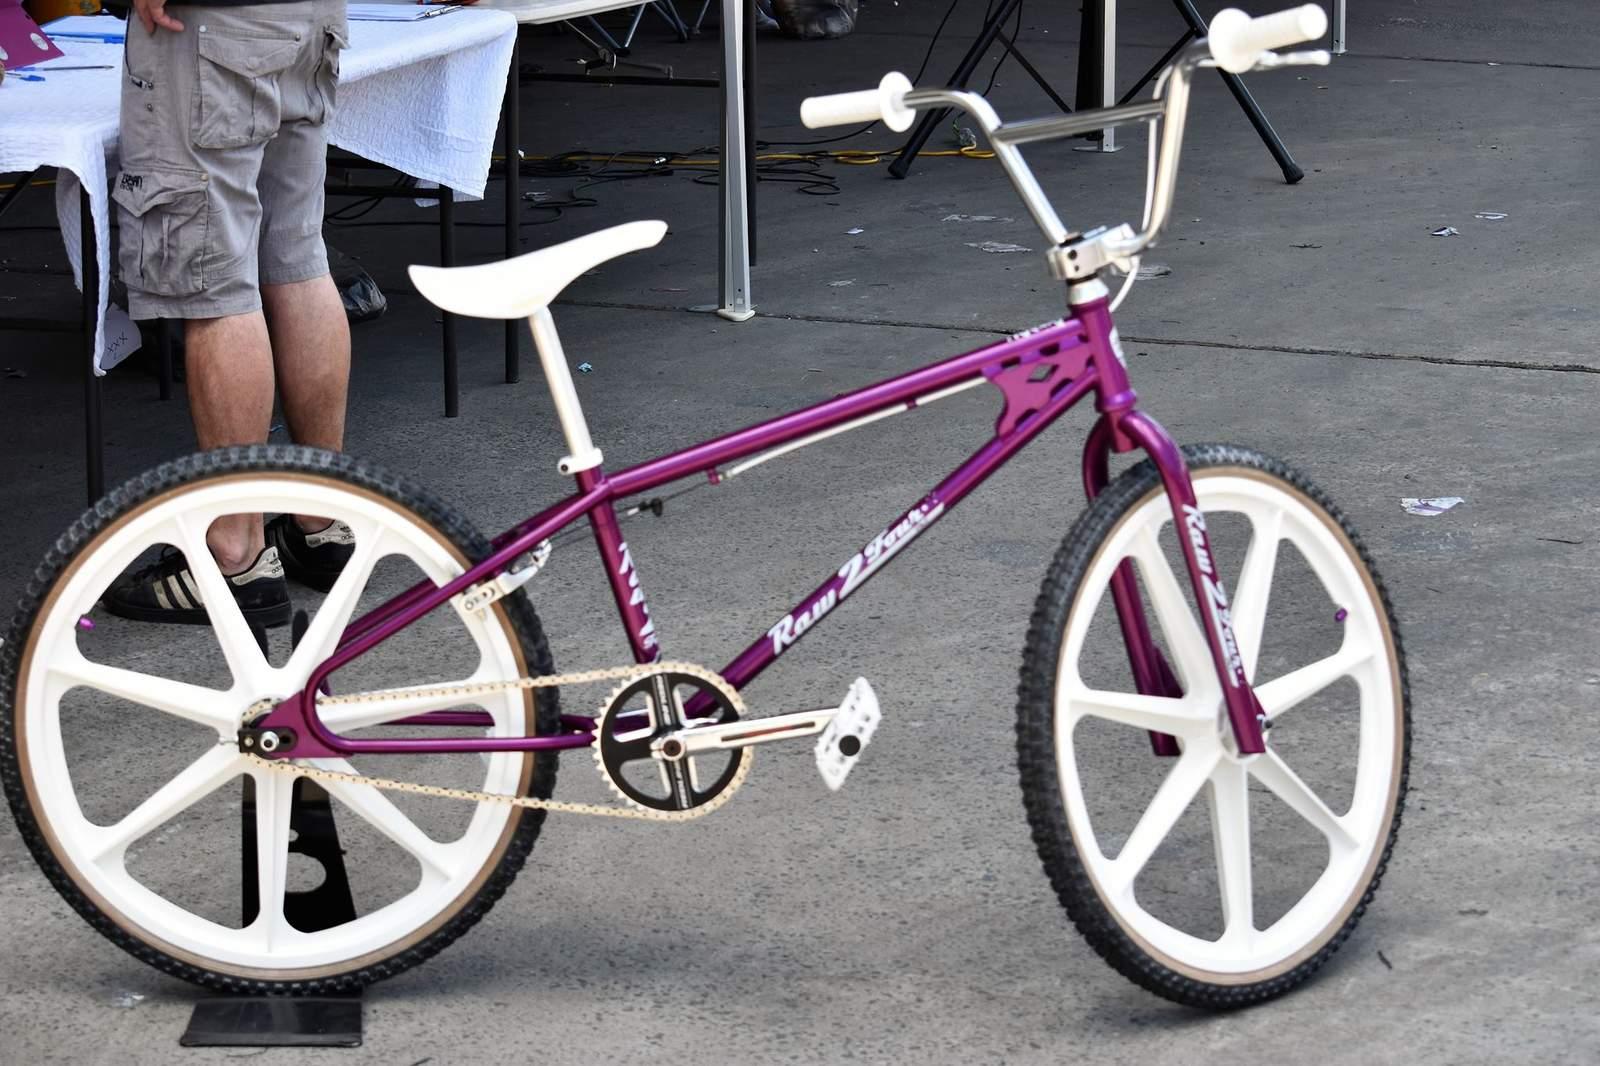 Hohe Qualit/ät f/ür Fahrrad f/ür Fahrrad BMX-Gabeln Annjom Langlebiges Scooter-Headset Fahrradlager